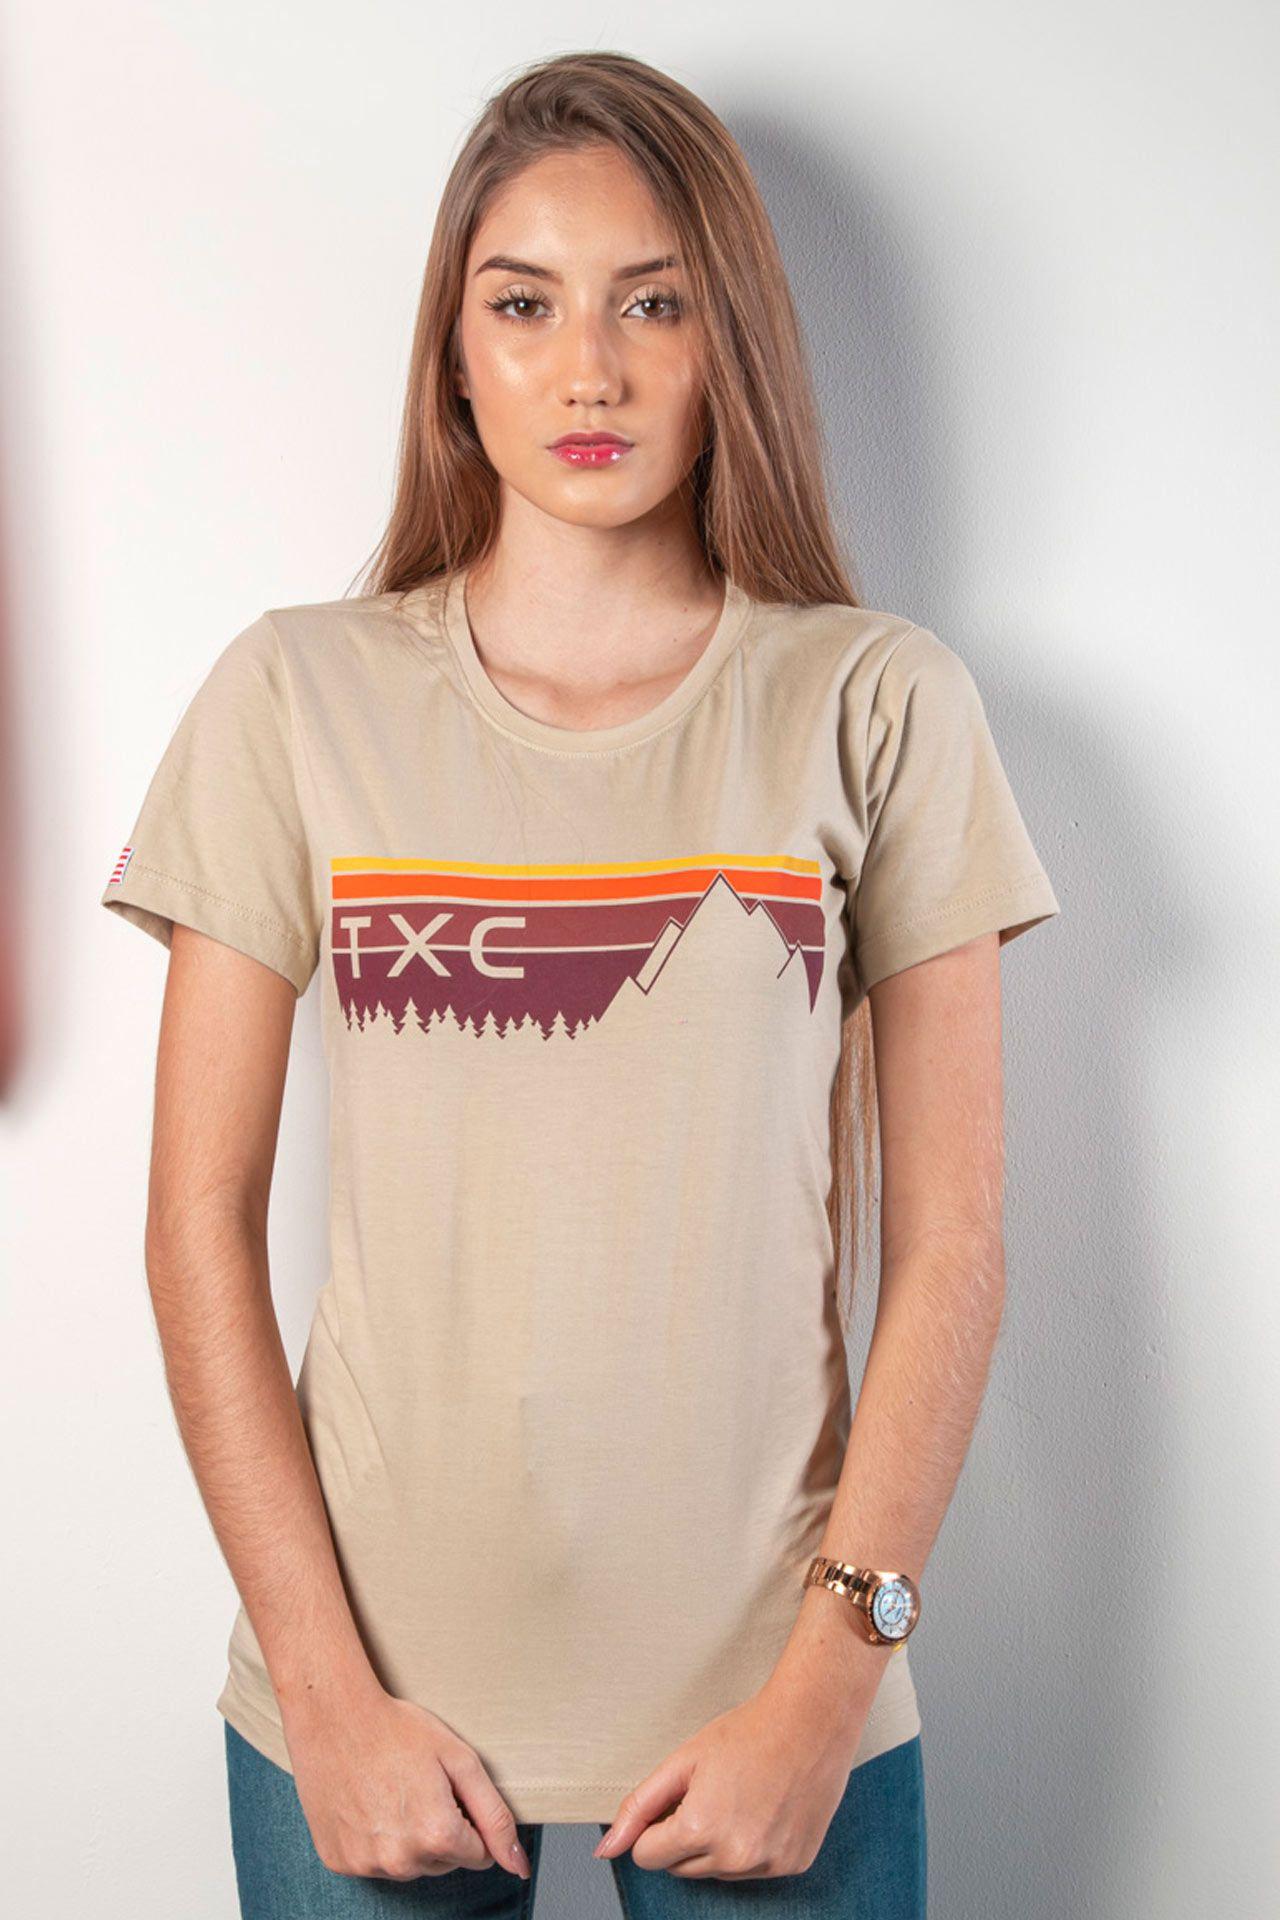 Camiseta Feminina TXC 4655